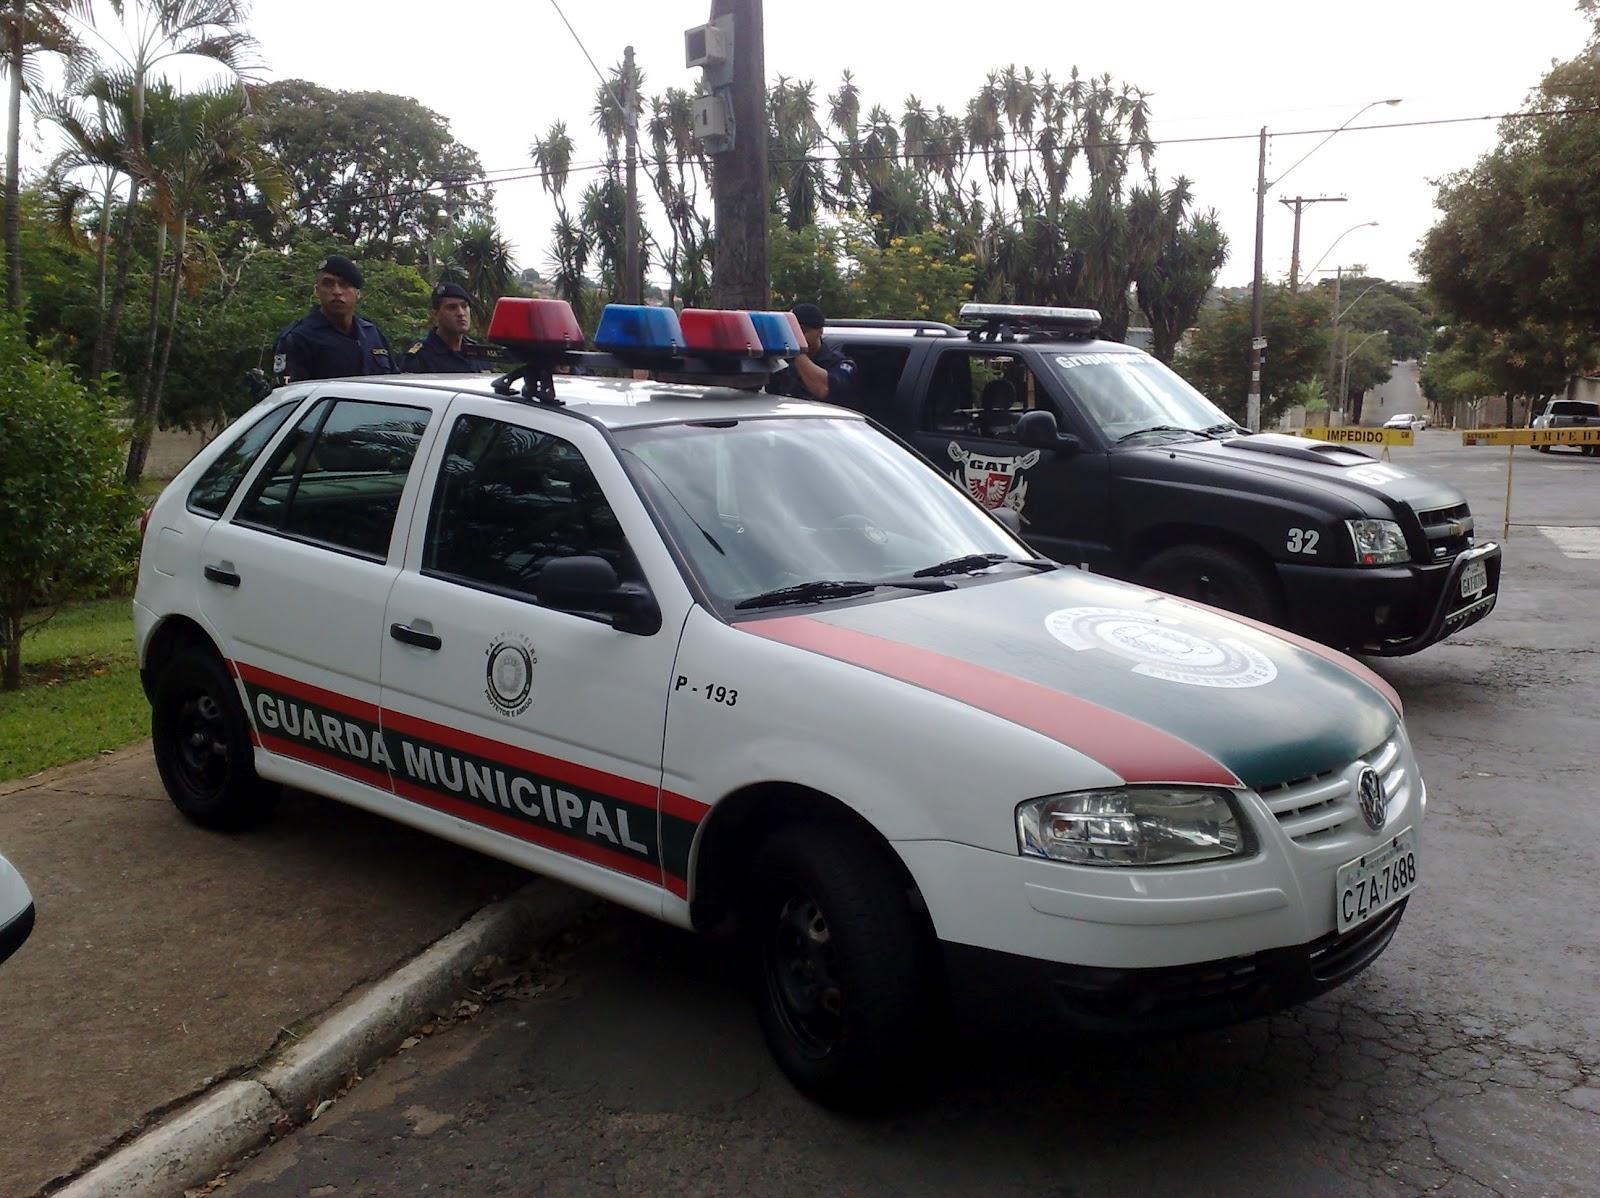 Guarda Municipal armada reduz a criminalidade e dá mais segurança aos cidadãos